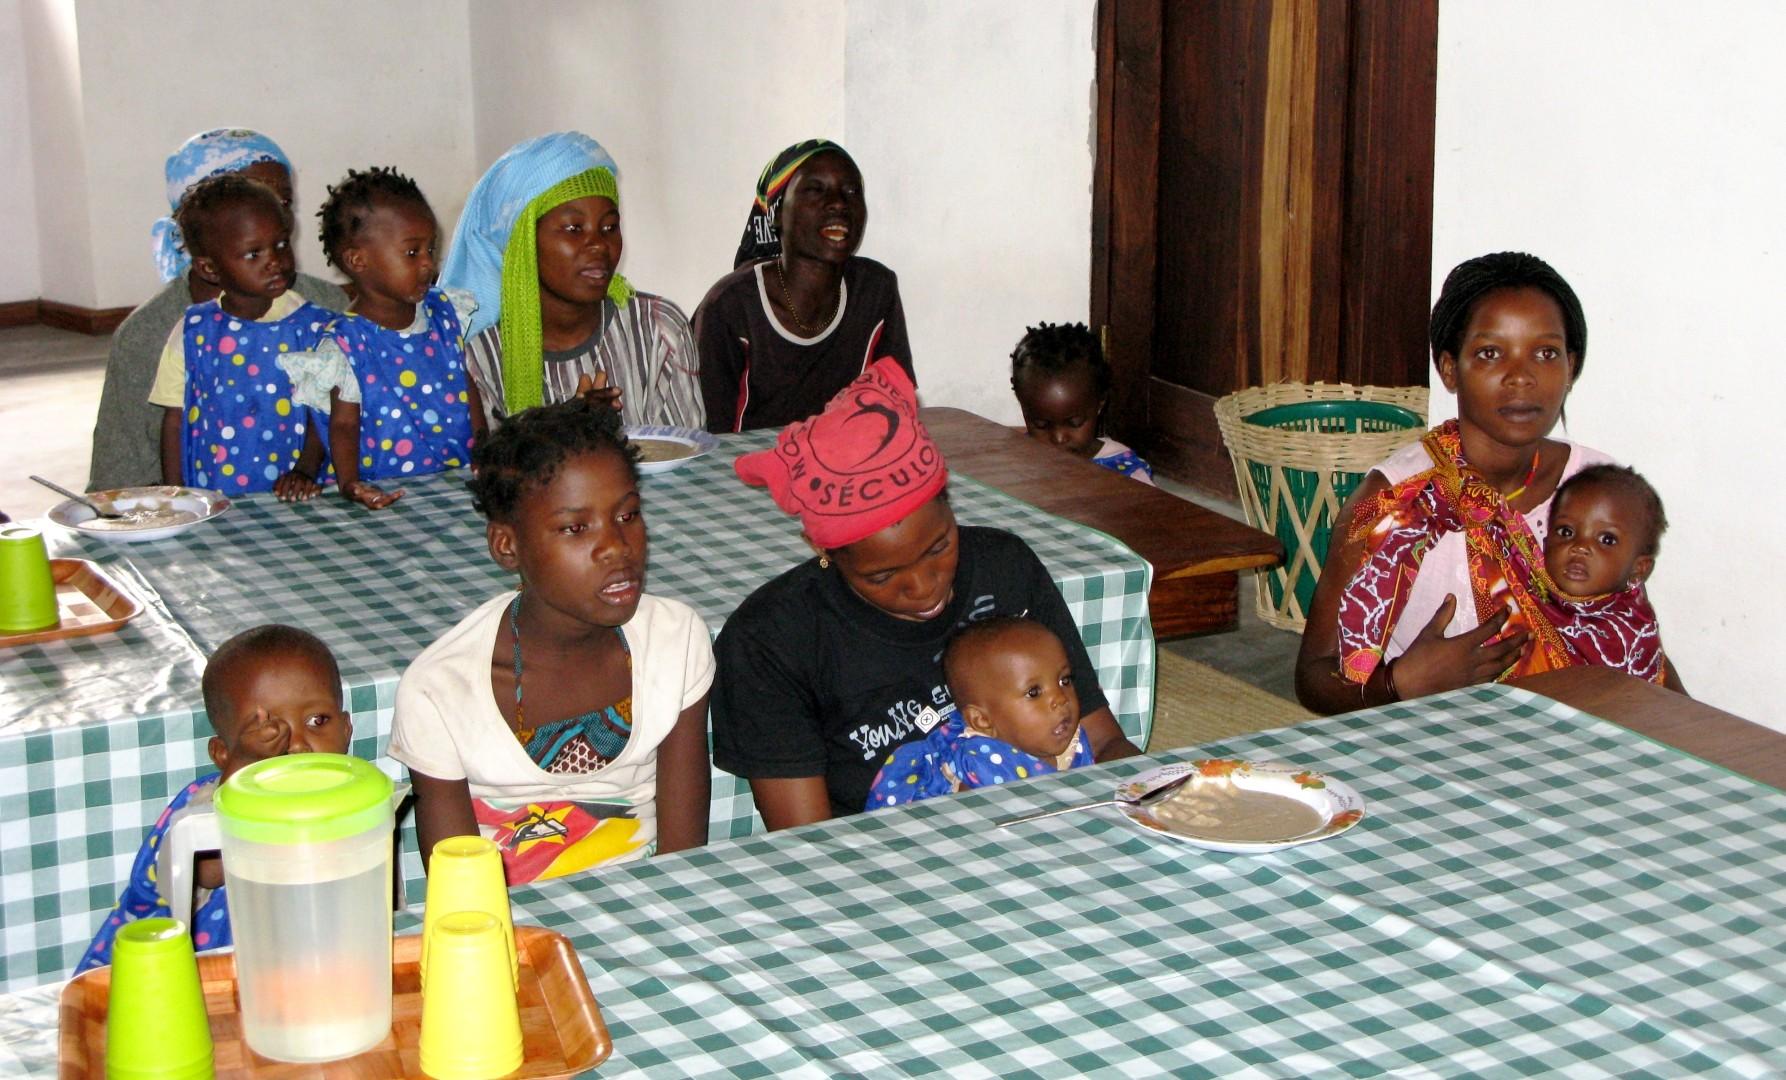 El programa també va incloure una campanya educativa per a mares i cuidadors.